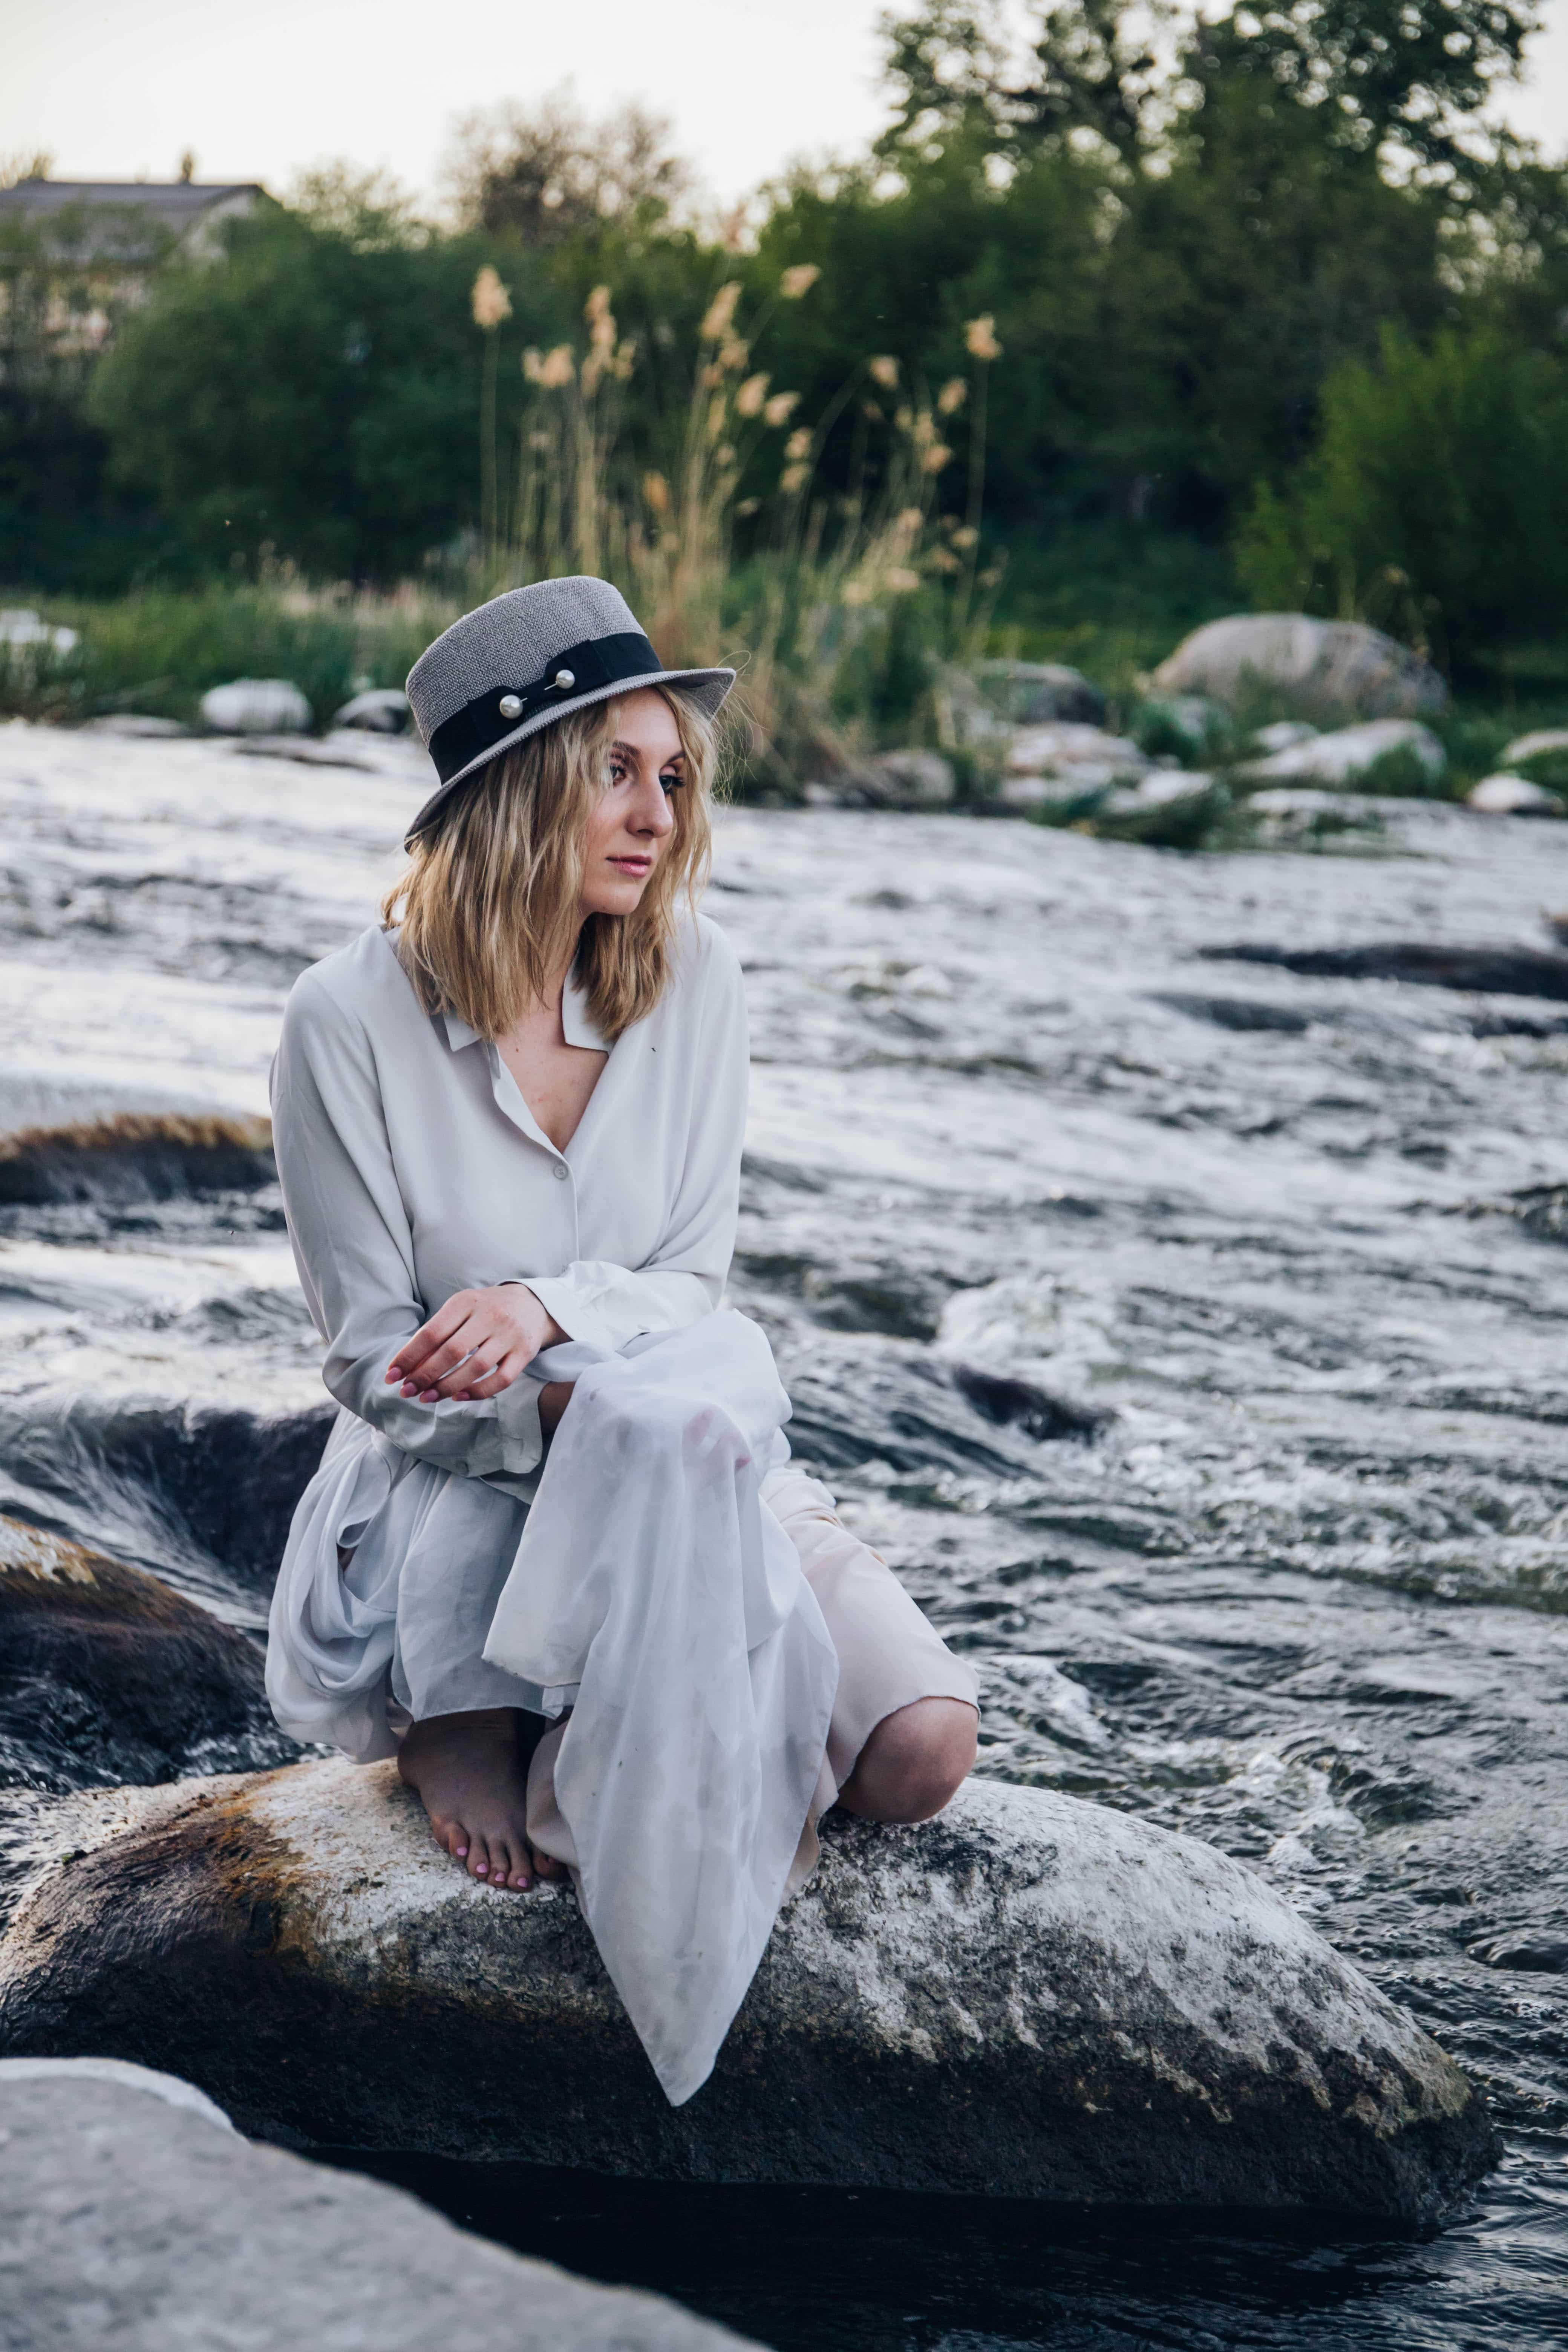 Талина презентовала новый клип на песню Жива і вільна премьера видео 1